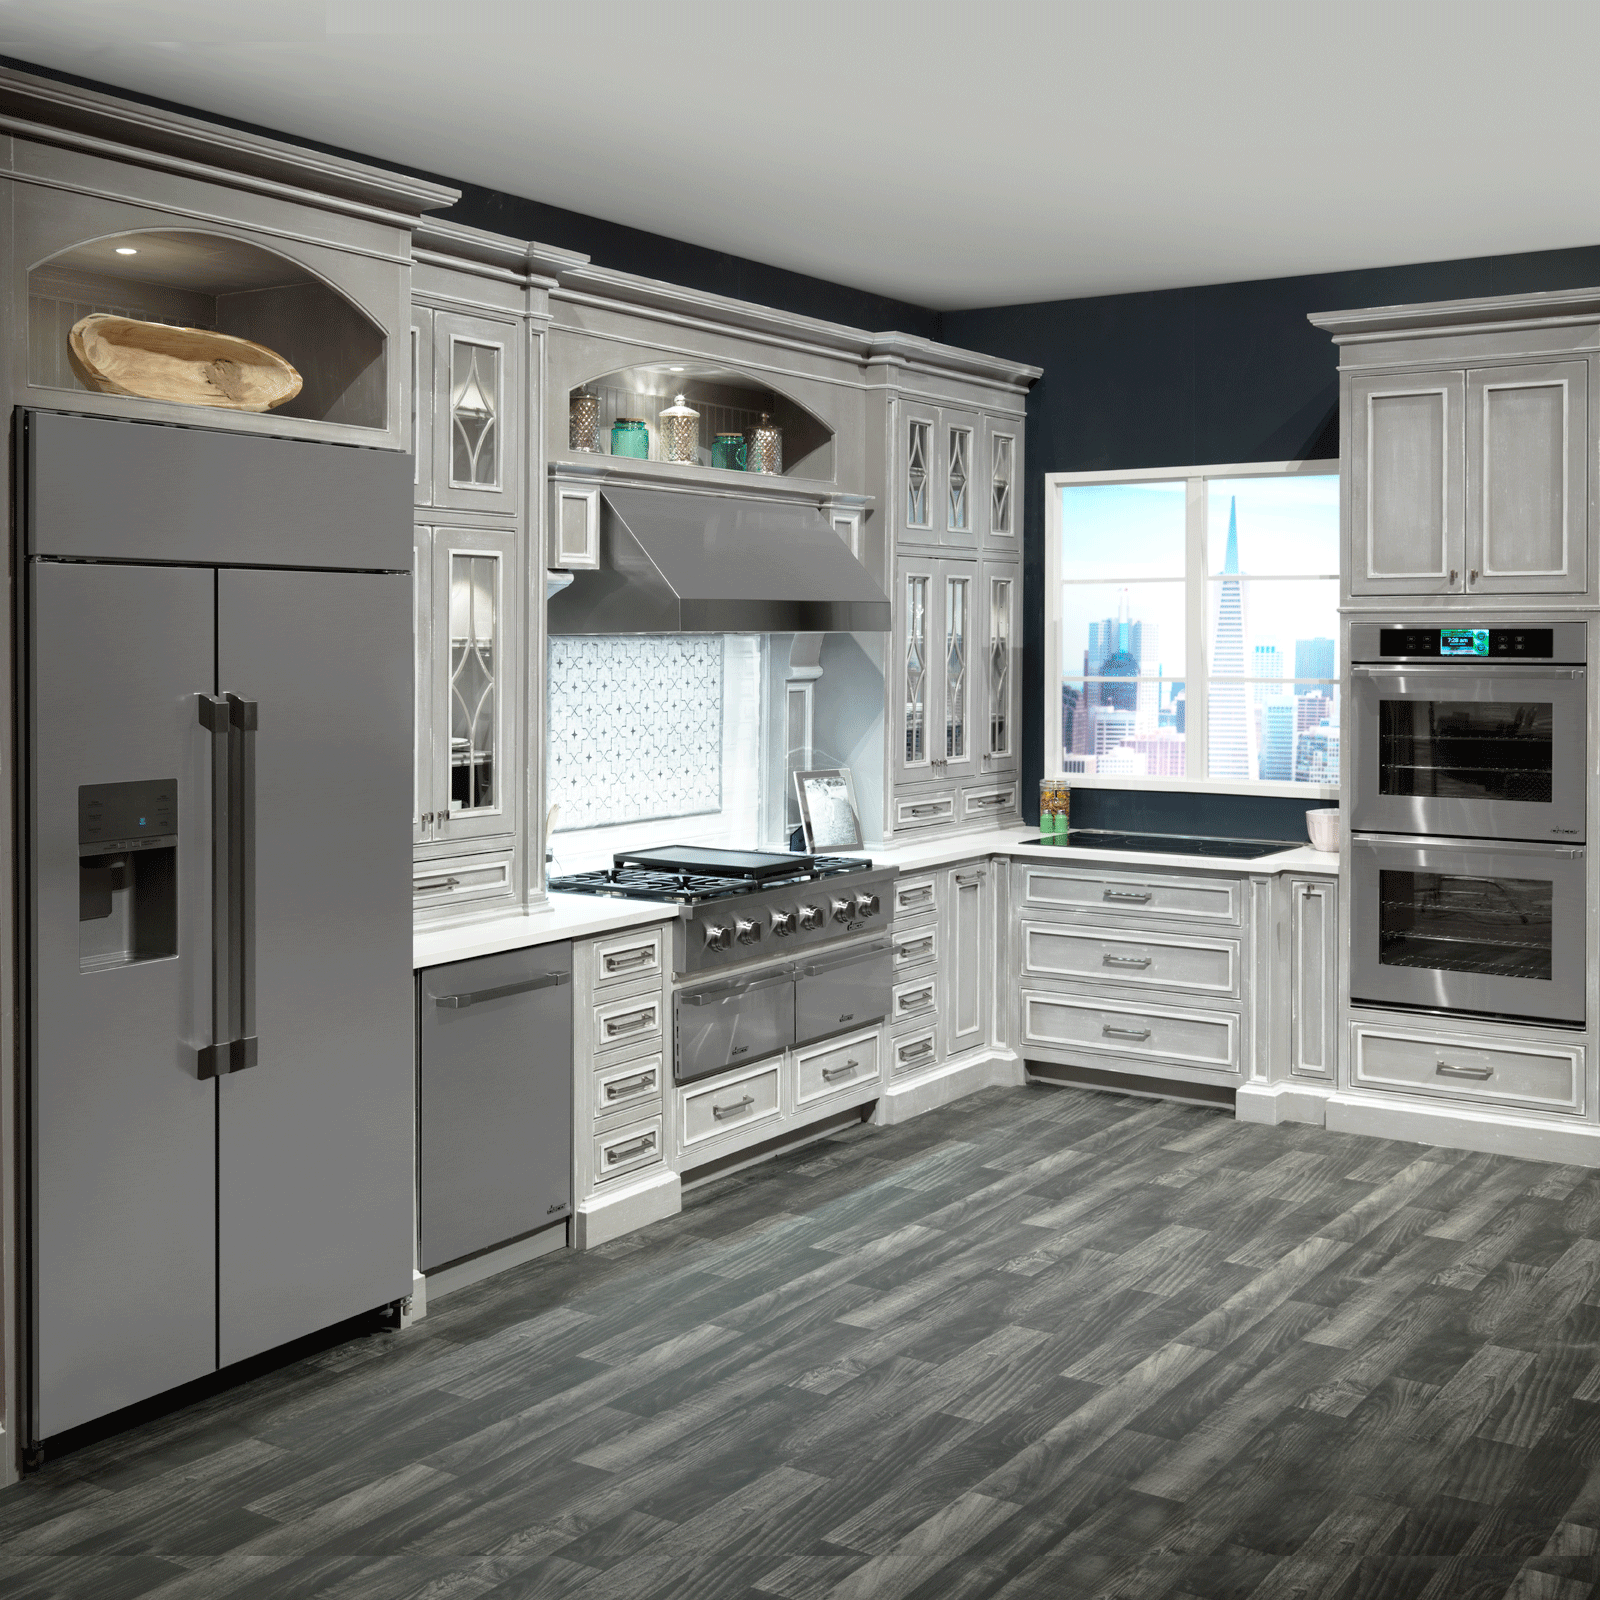 Холодильник сайд бай сайд в нише на кухне